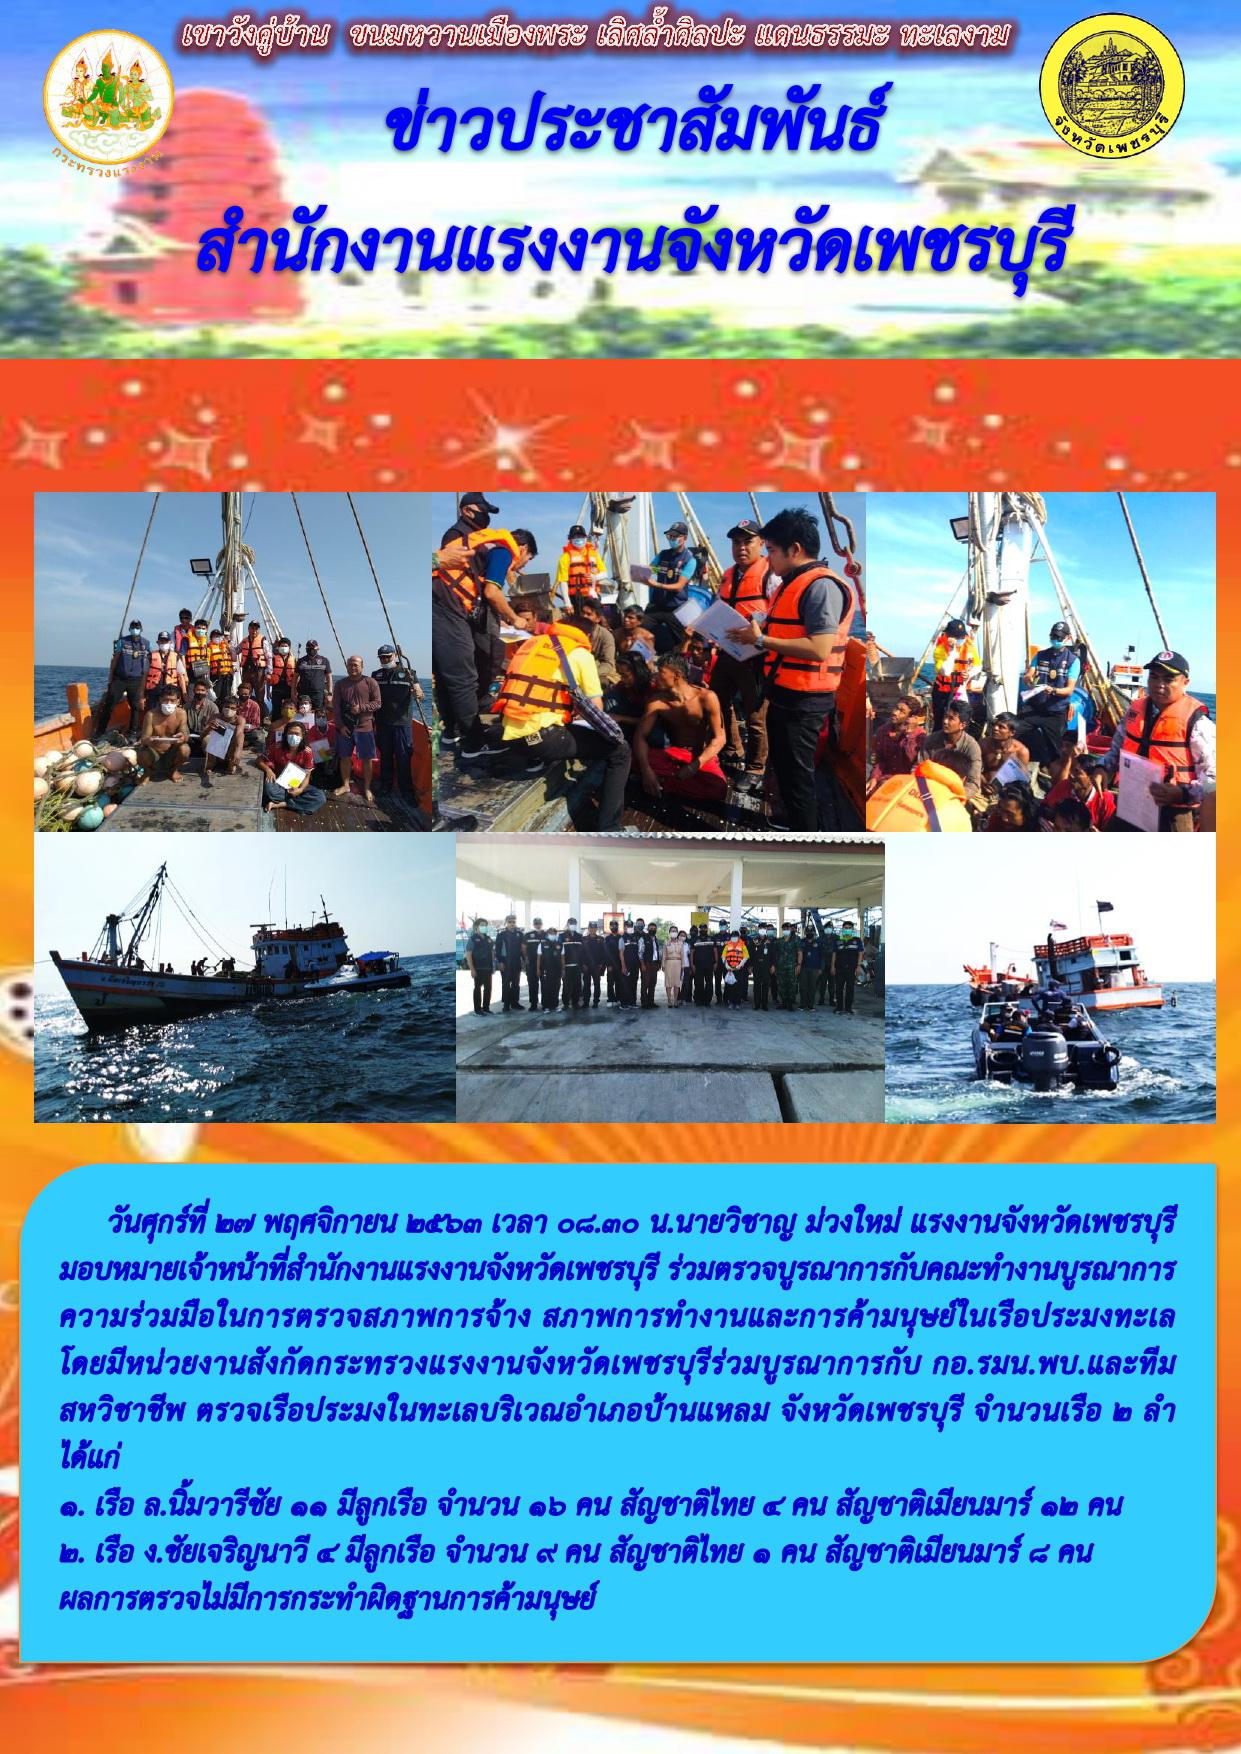 จังหวัดเพชรบุรีตรวจบูรณาการกับคณะทำงานบูรณาการความร่วมมือในการตรวจสภาพการจ้าง สภาพการทำงานและการค้ามนุษย์ในเรือประมงทะเล